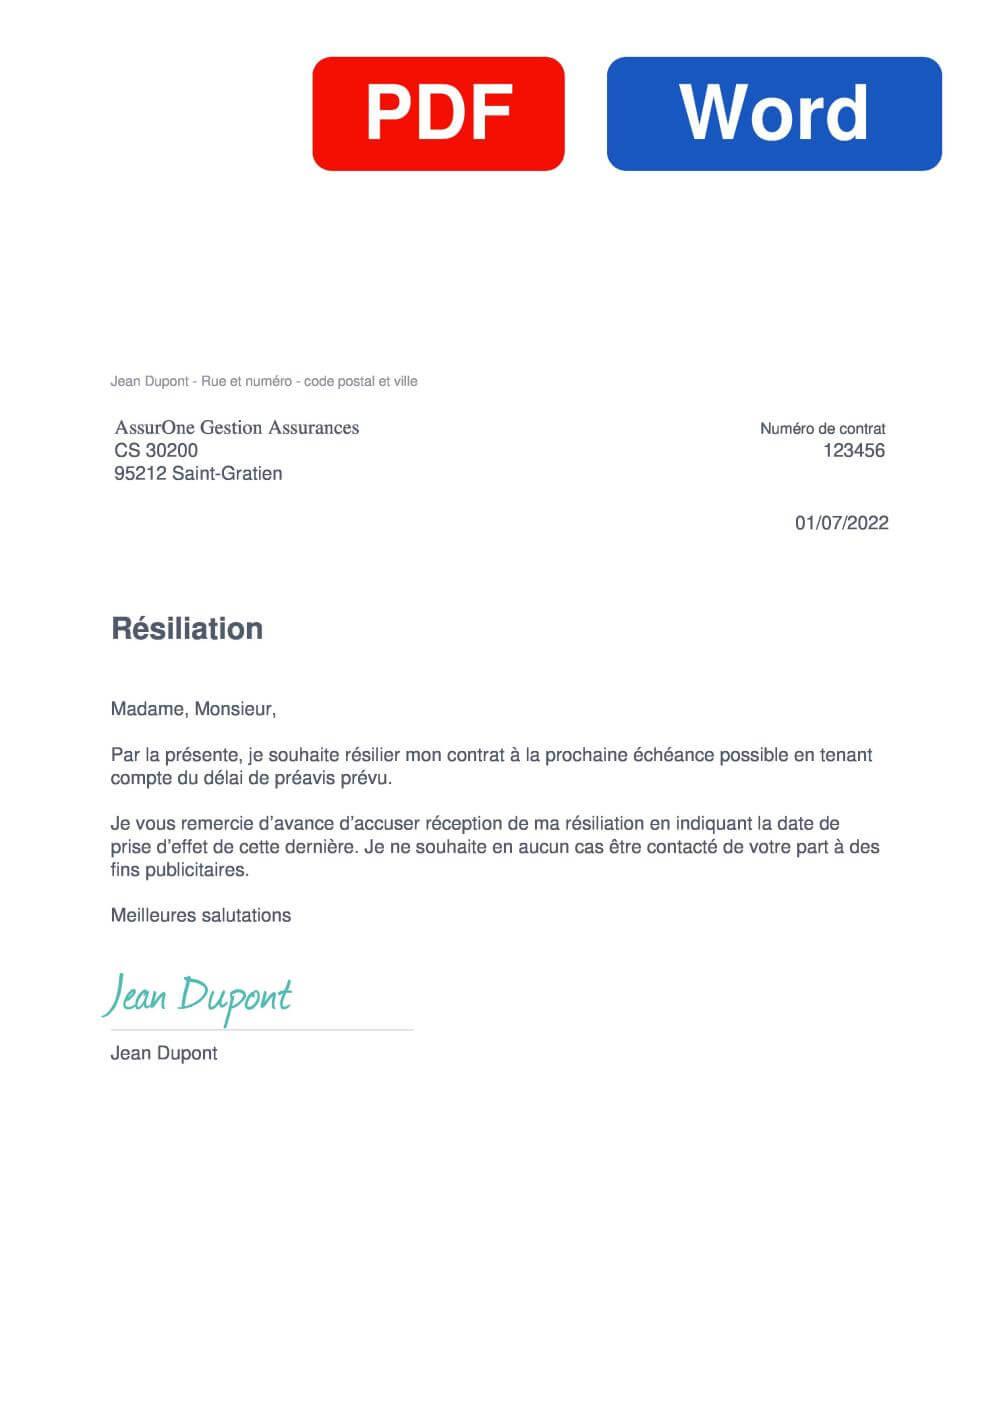 Swiss Life Animaux Assurance Modèle de lettre de résiliation